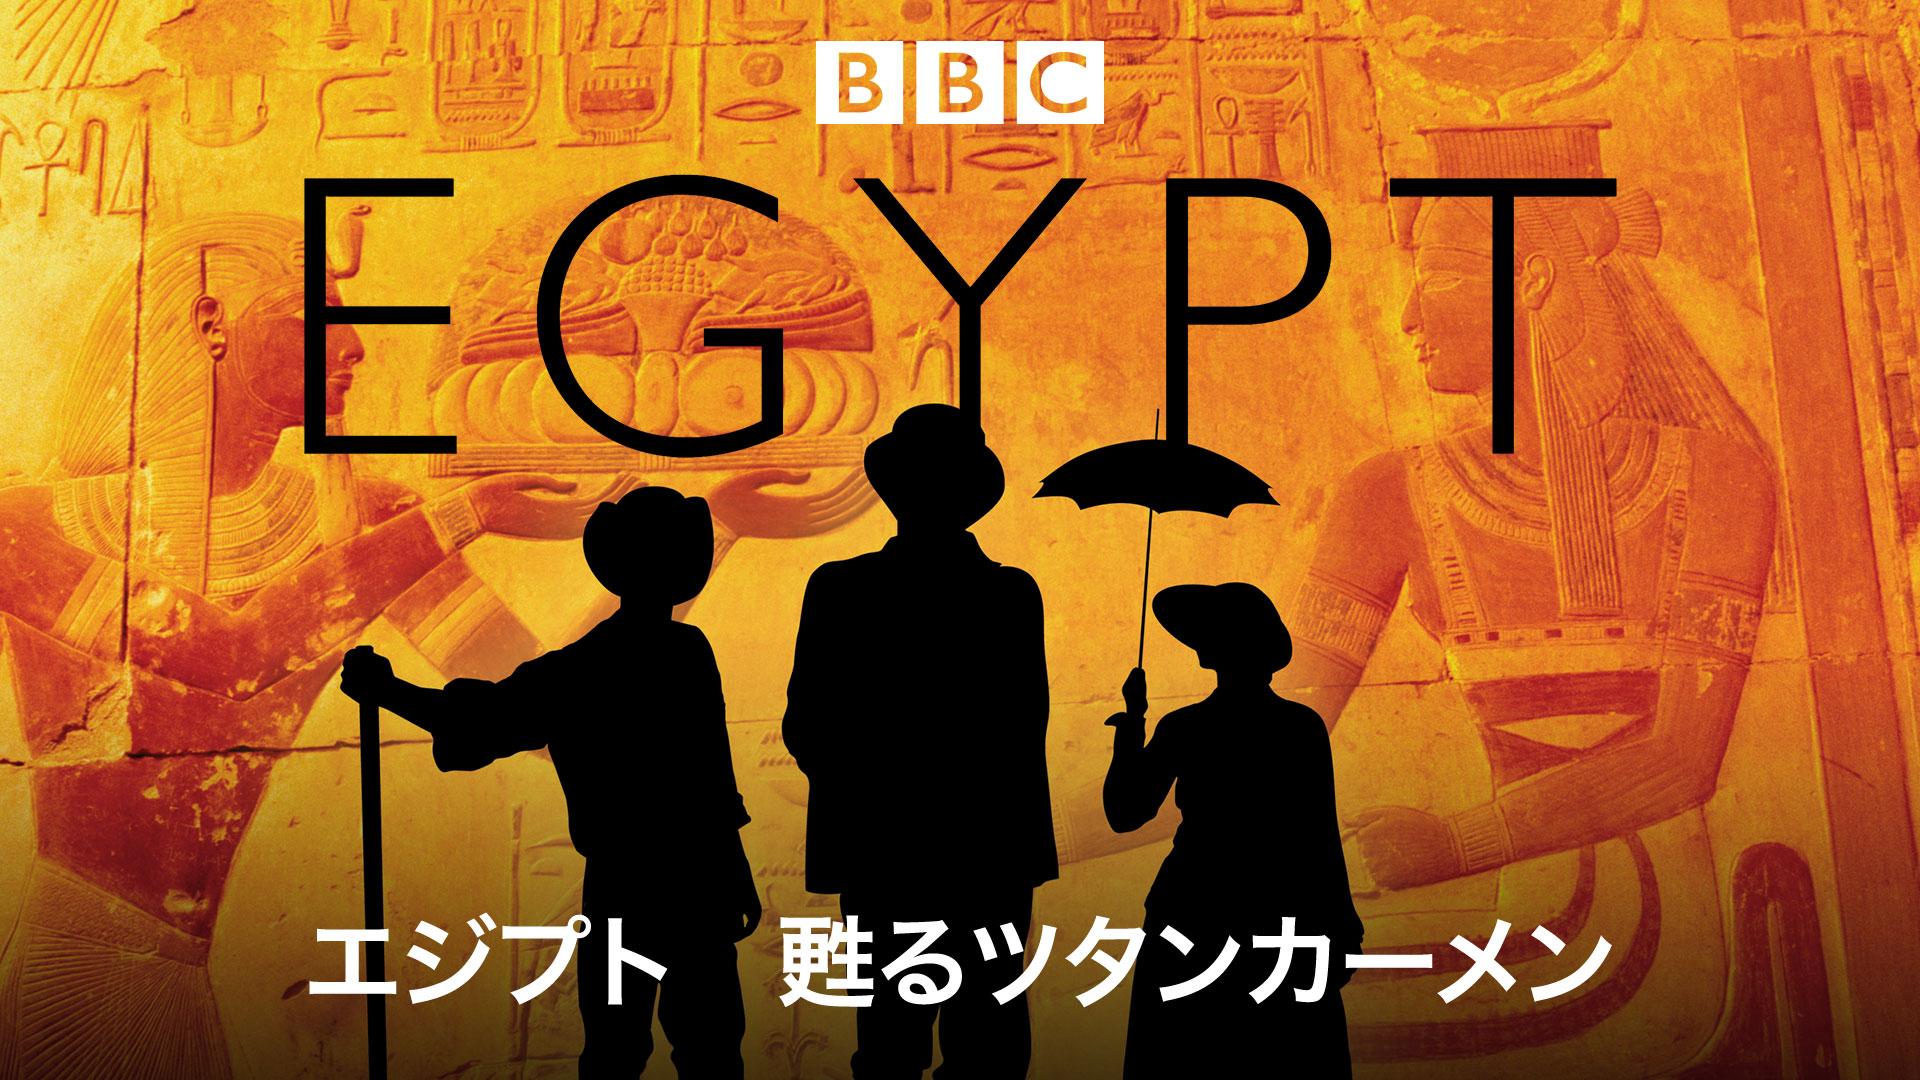 エジプト 甦るツタンカーメン(字幕版)